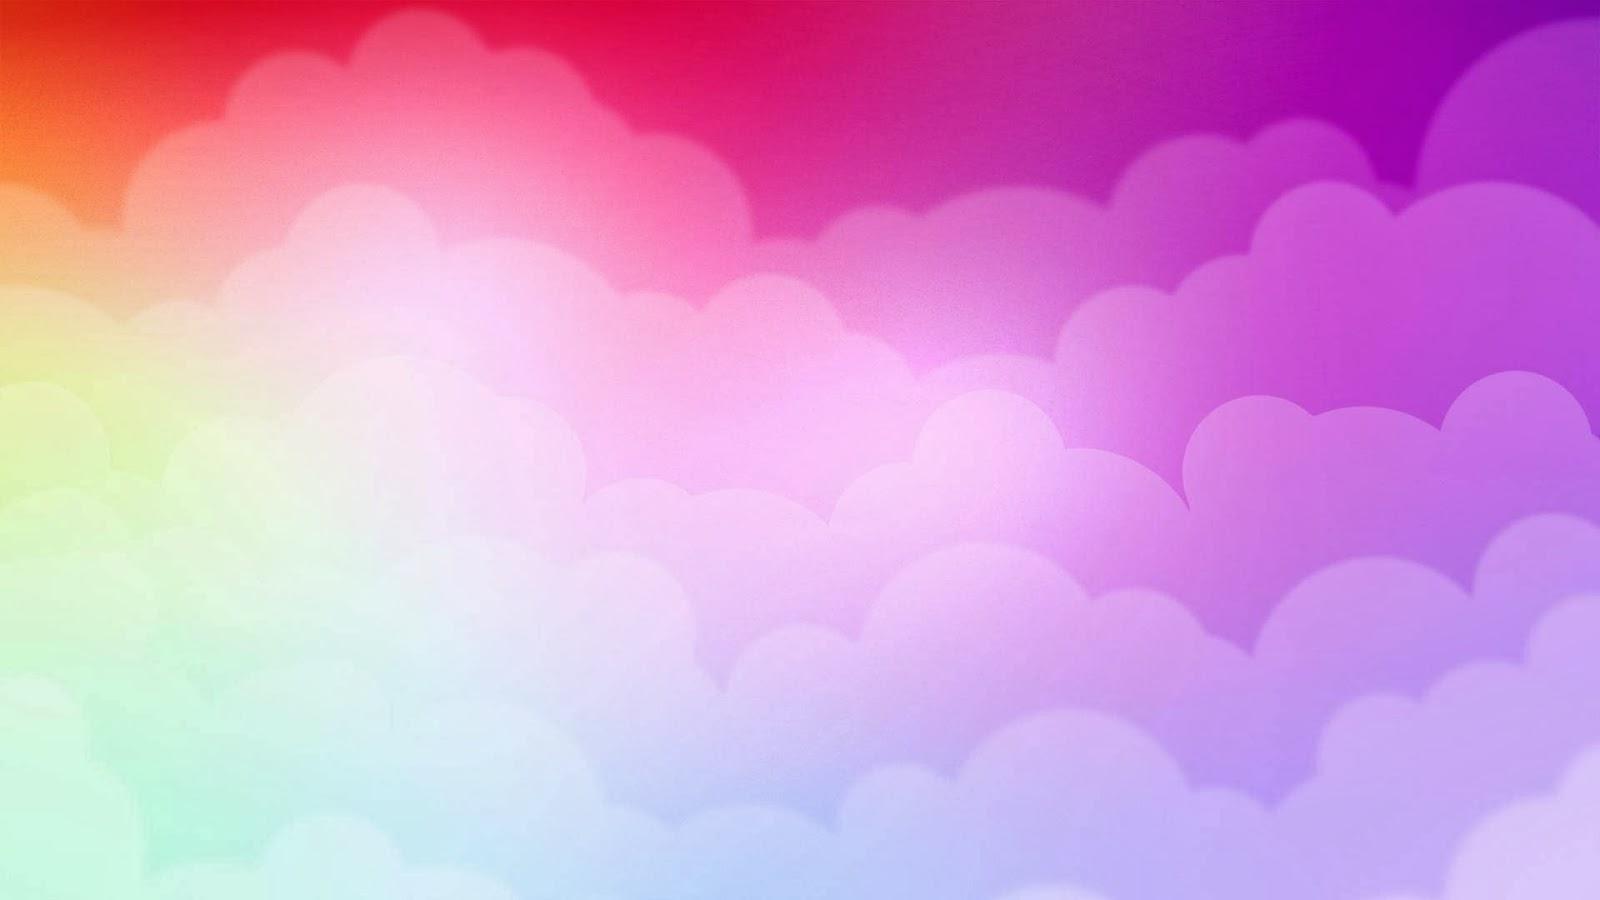 Fondo de pantalla abstracto nubes de colores imagenes for Imagenes hd para fondo